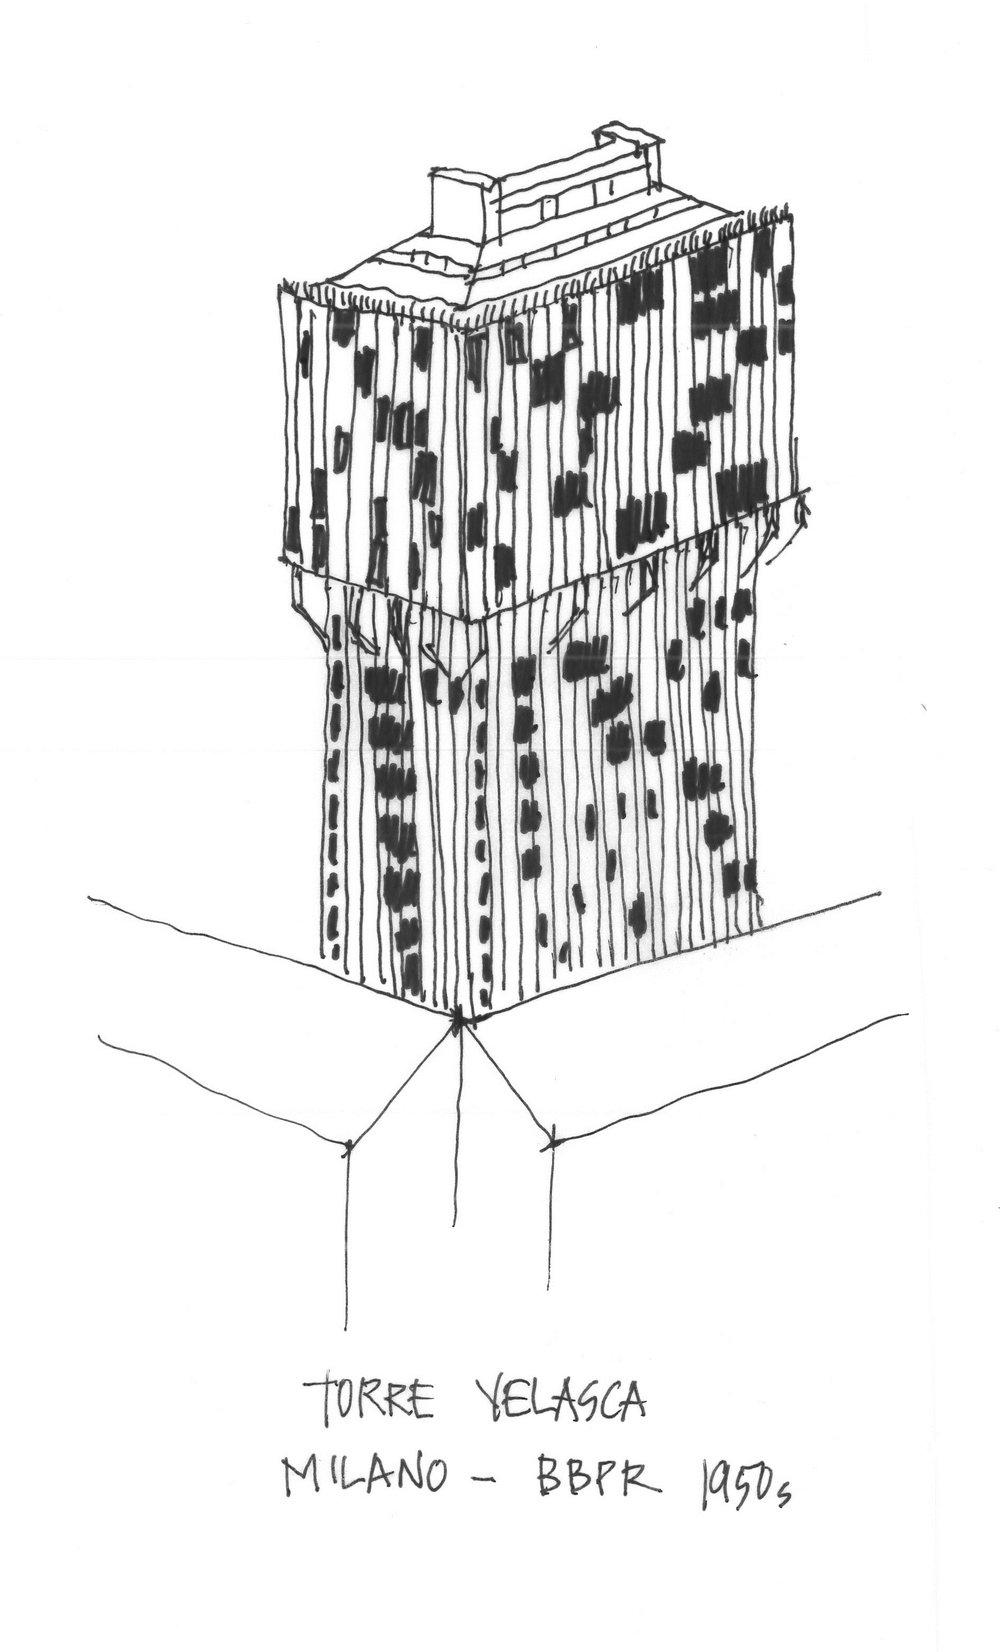 Torre Velasca, Milano